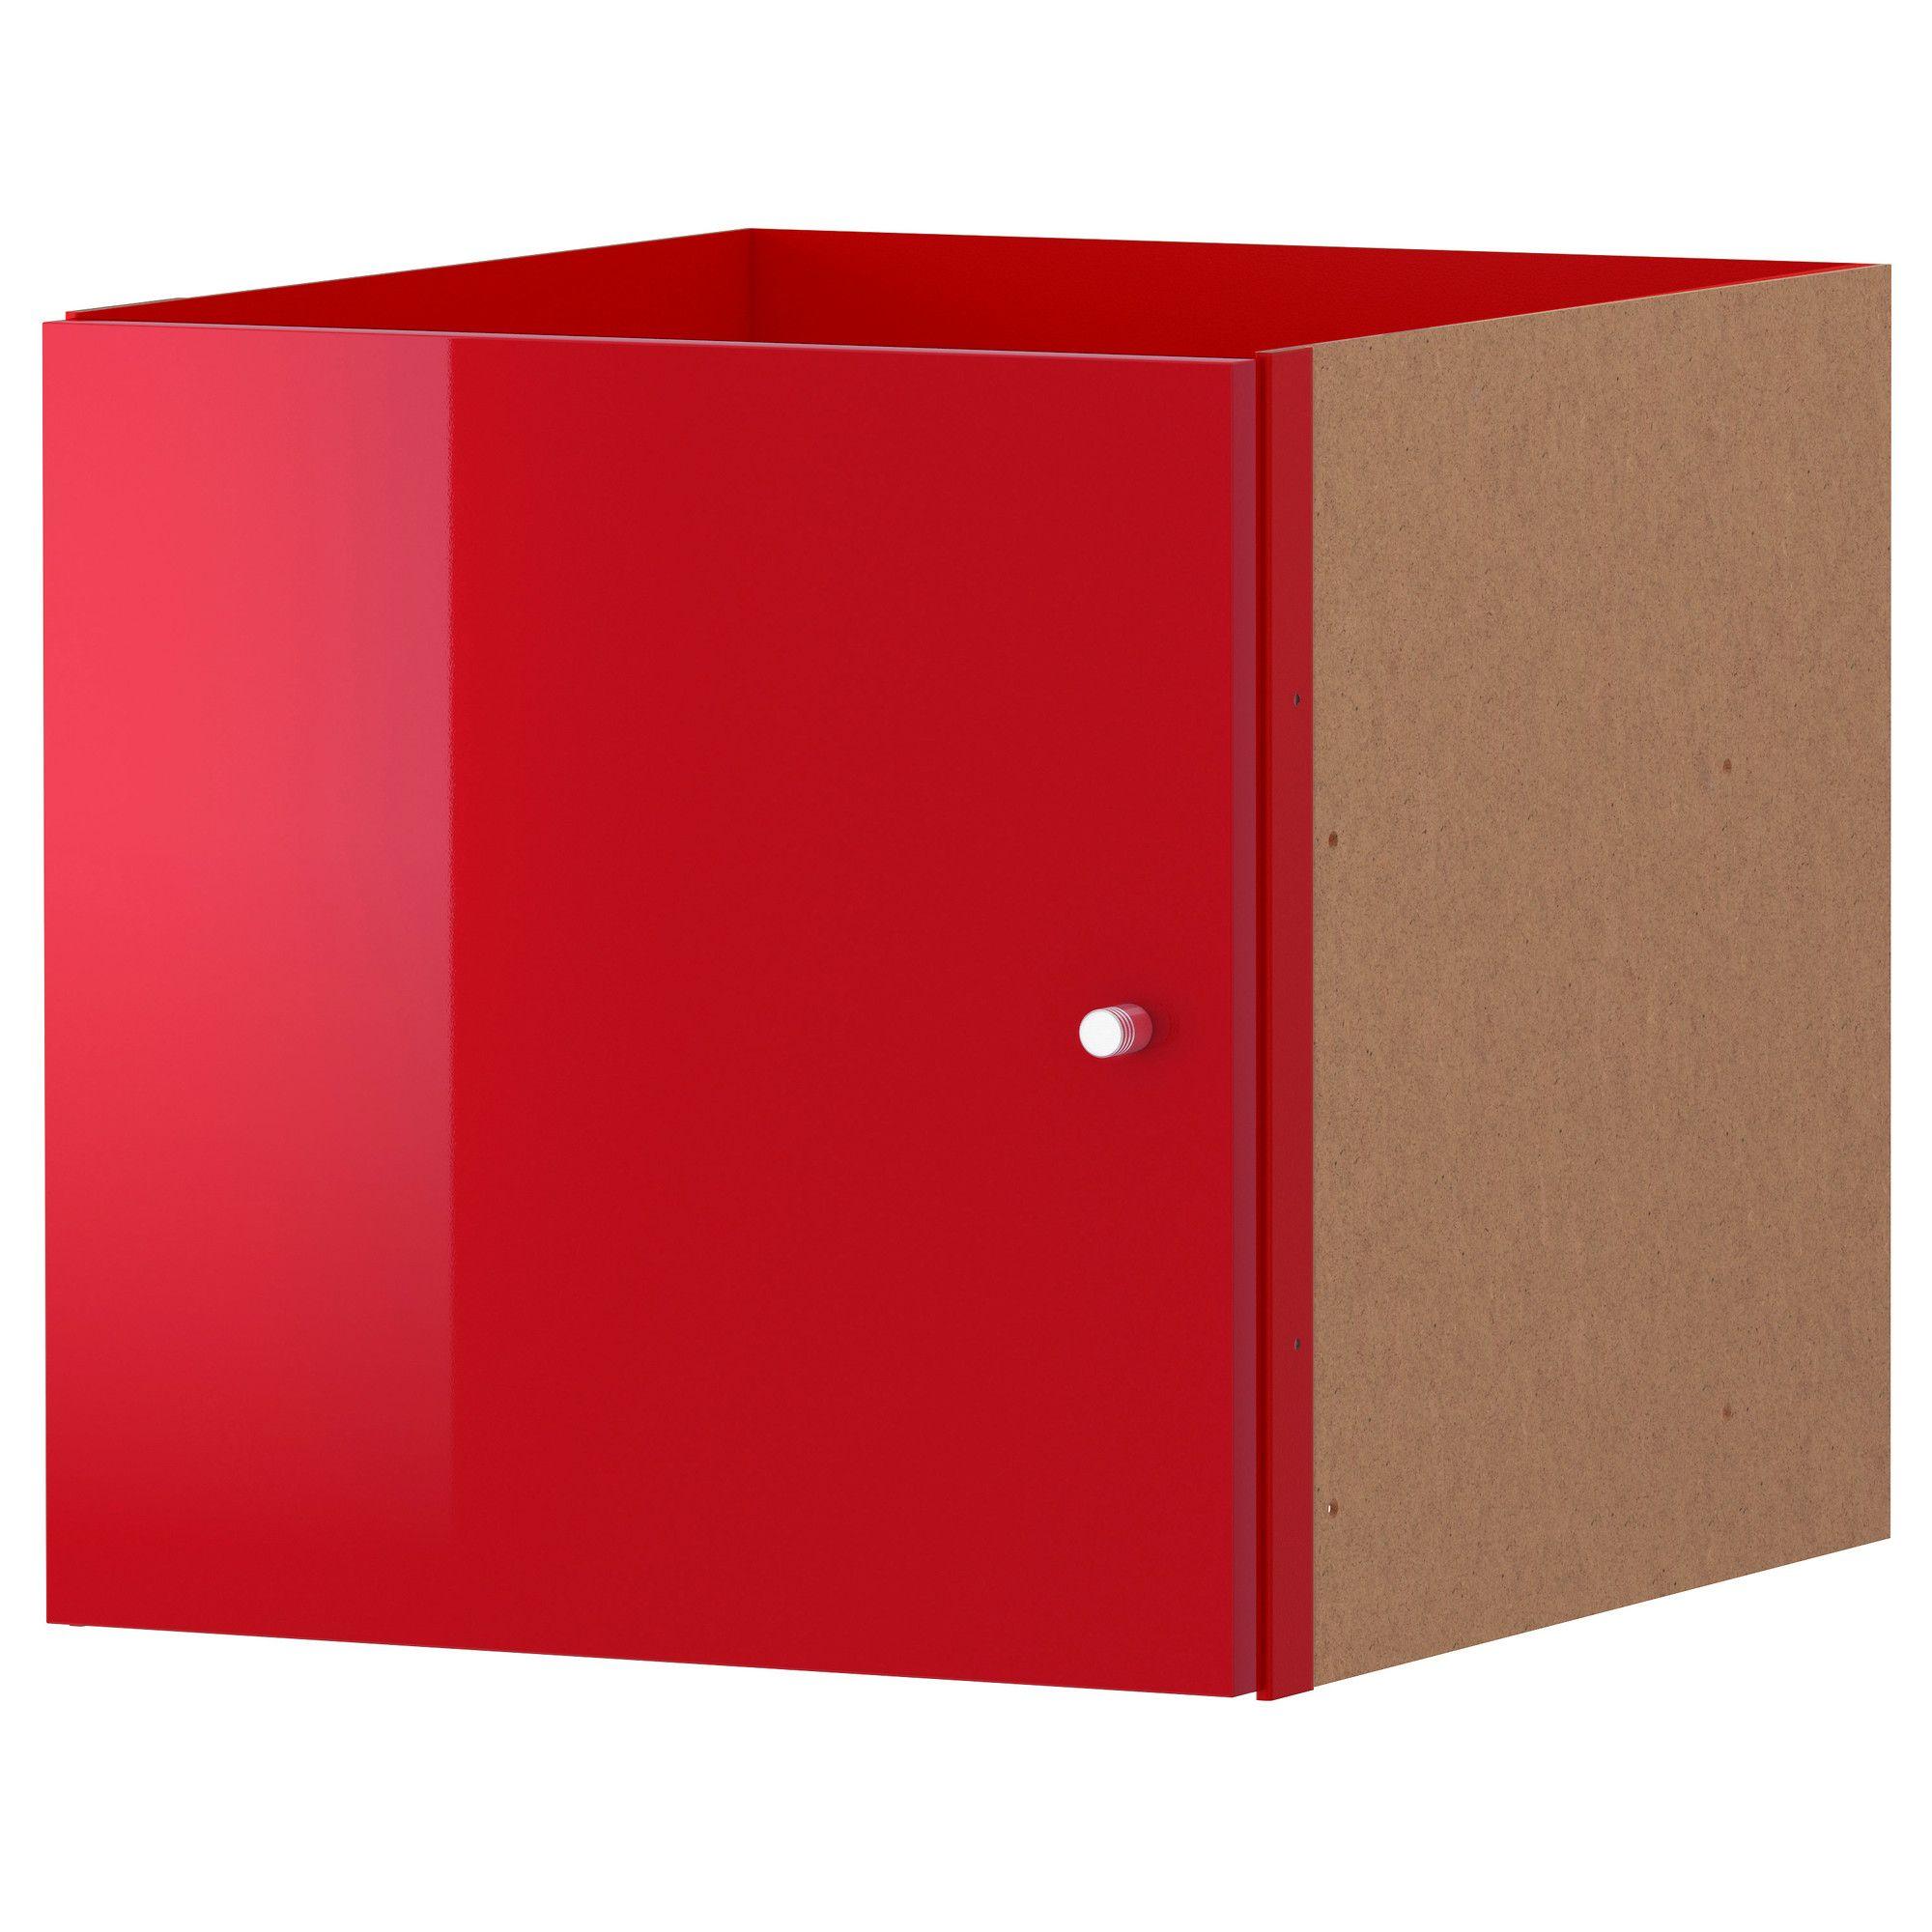 KALLAX Insert With Door - High Gloss Red - IKEA